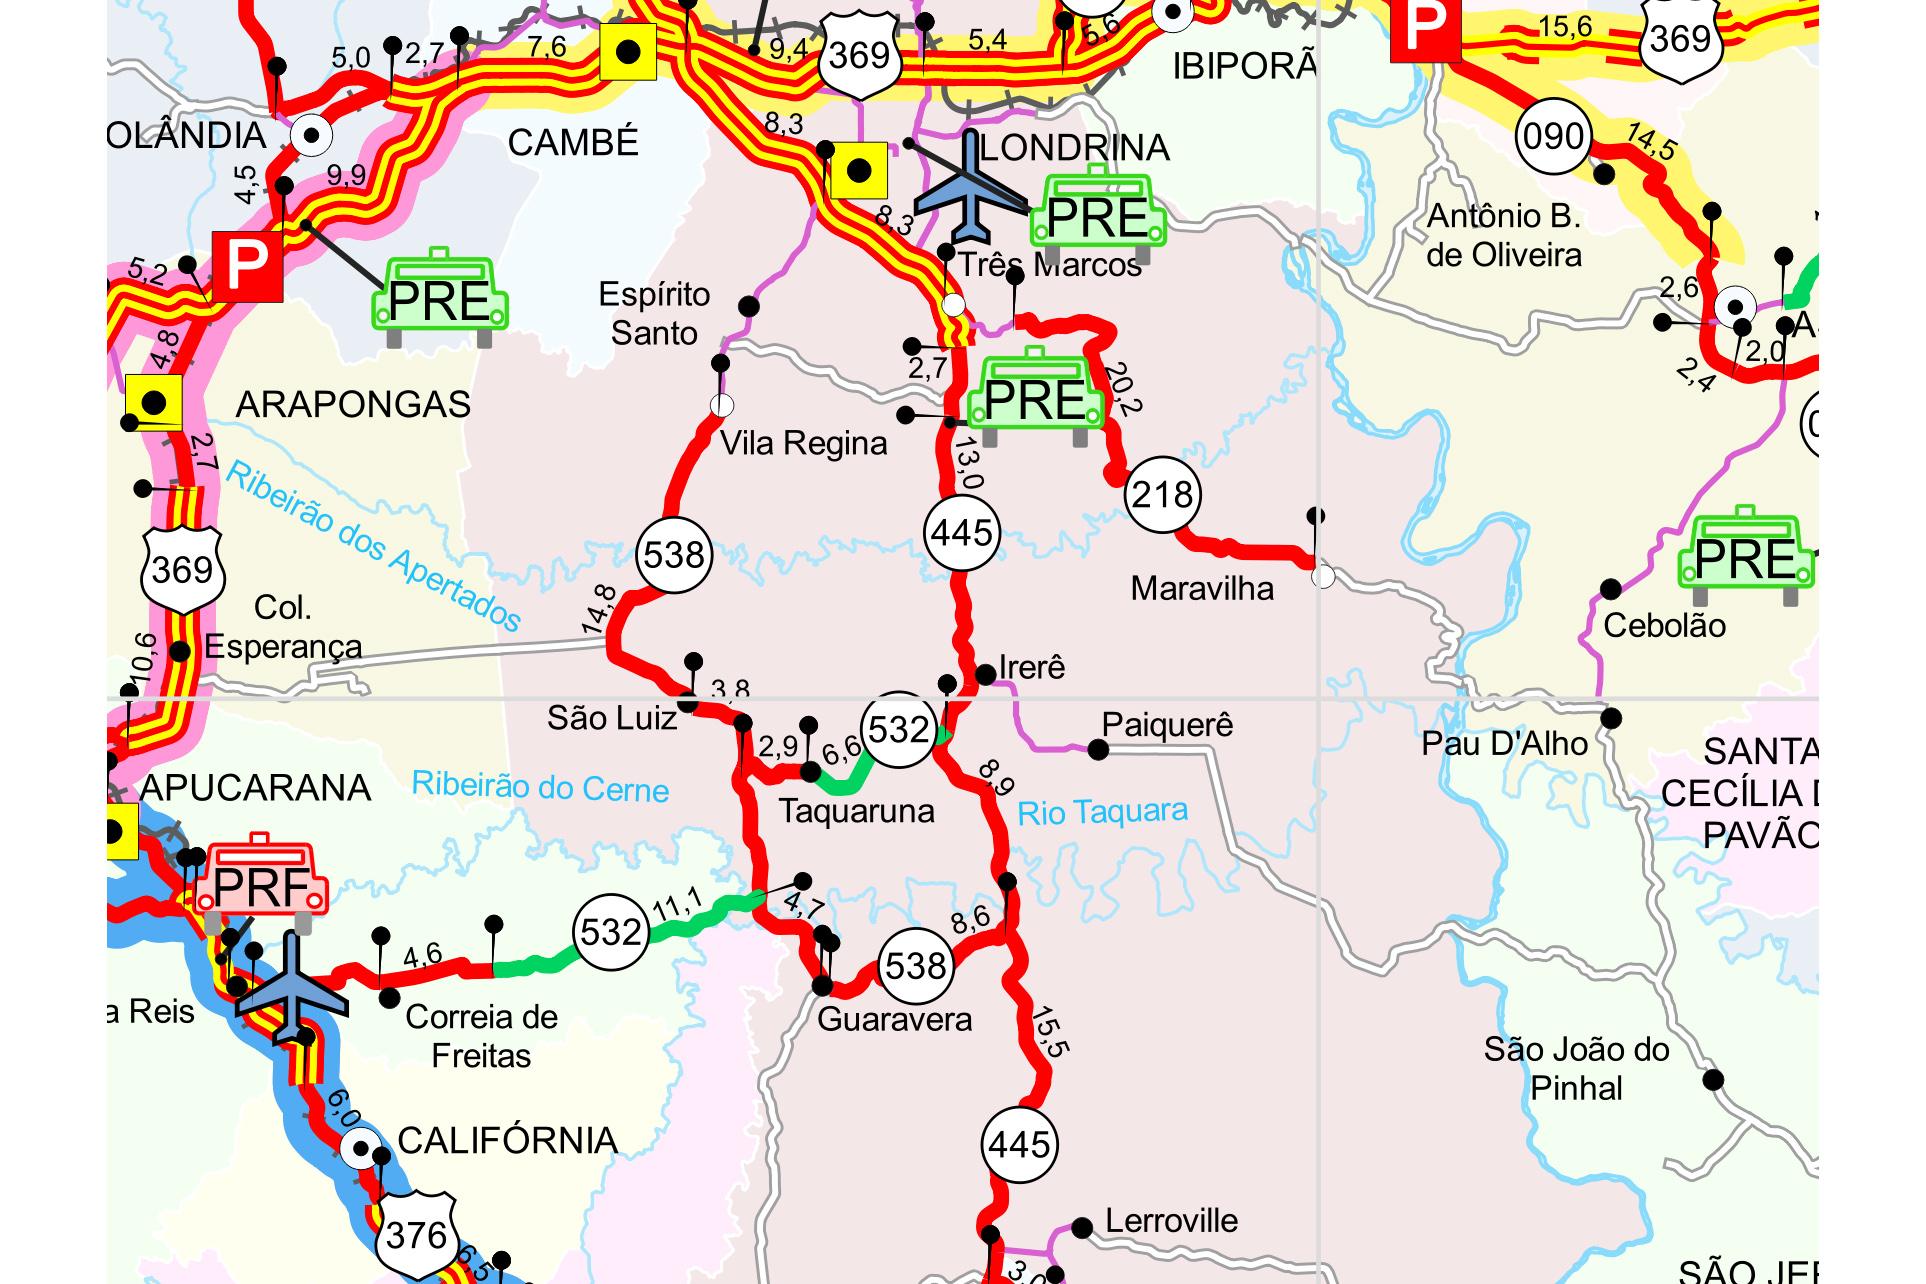 Rodovia será interditada entre a PR-532 e a Estrada da Cegonha, das 9h às 17h. Detonação acontece no Km 52, próximo ao distrito de Irerê, na região norte central